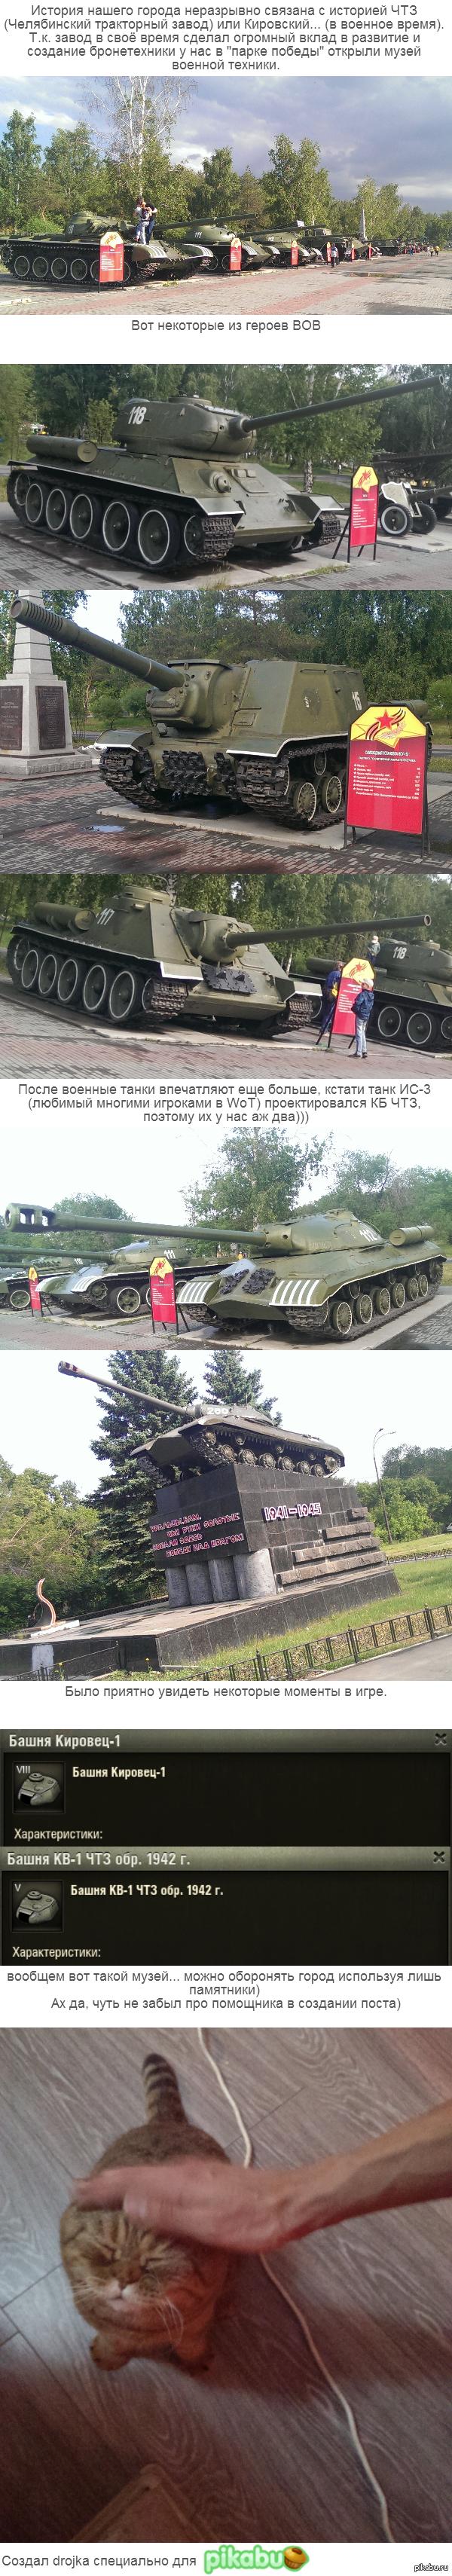 Танкоград, музей бронетехники.